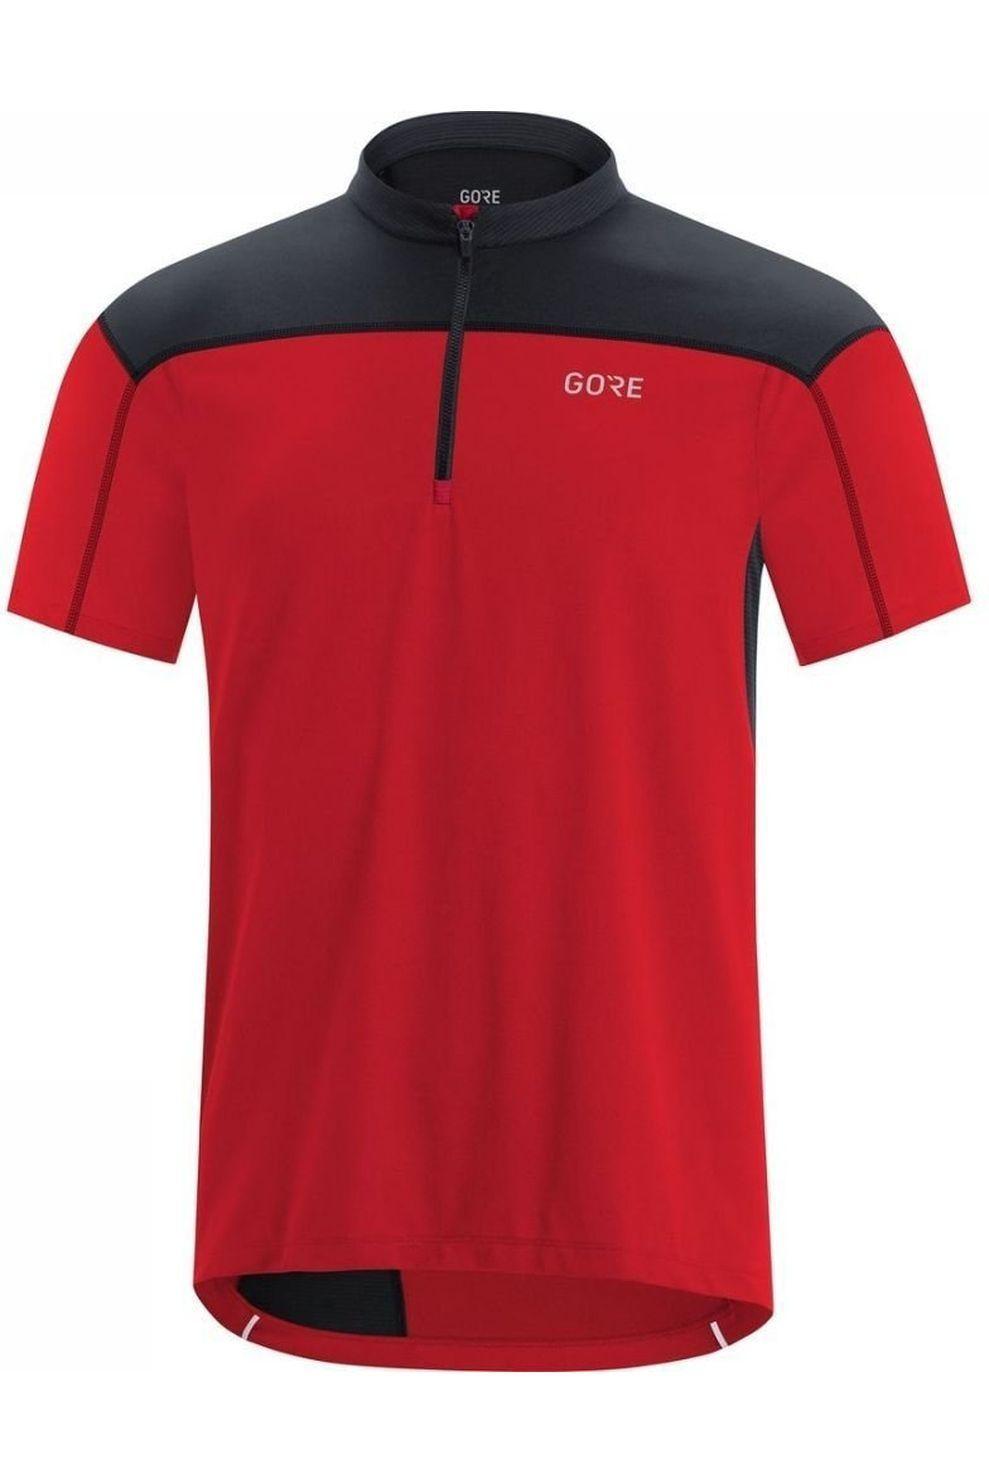 GORE WEAR T-Shirt C3 Zip voor heren - Rood/Zwart - Maten: S, M, L, XL, XXL